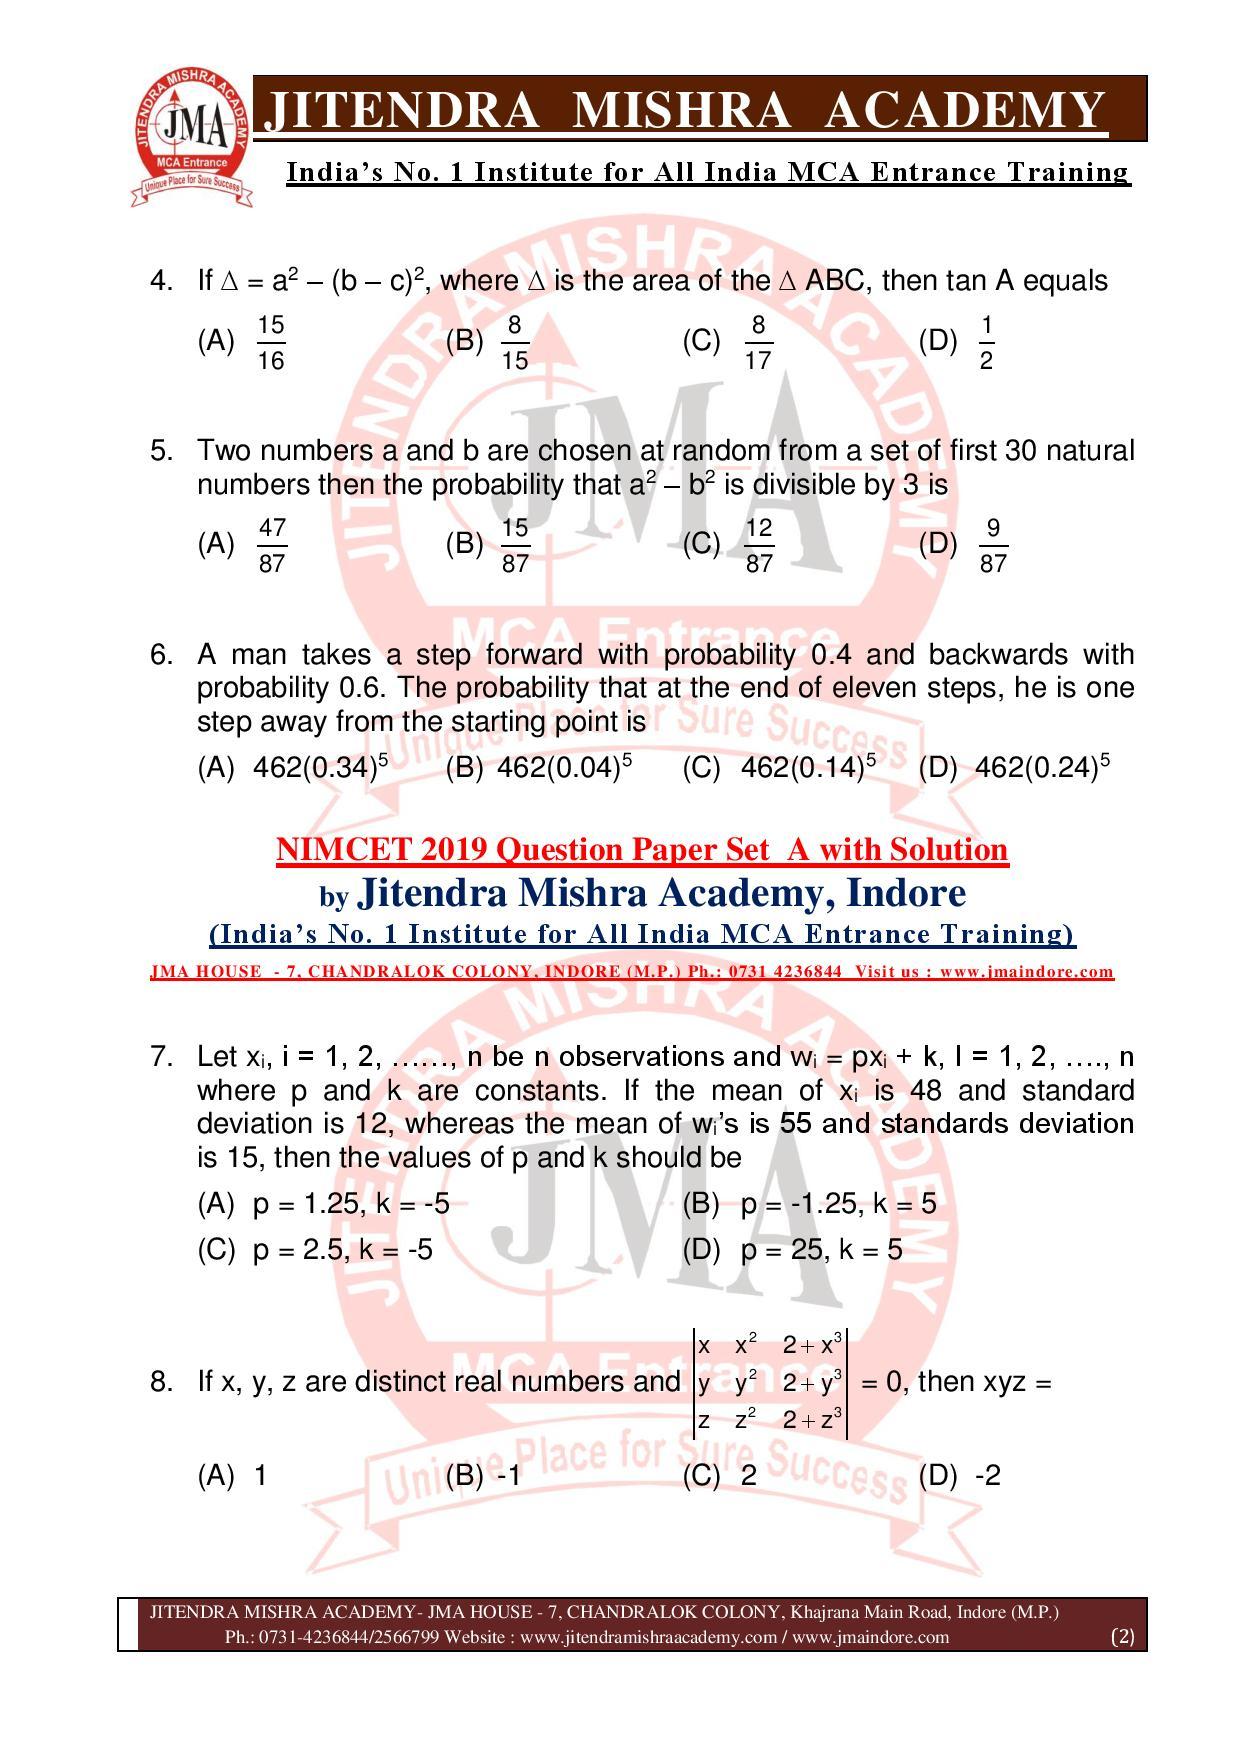 NIMCET 2019 QUESTION PAPER (SET - A) final-page-002